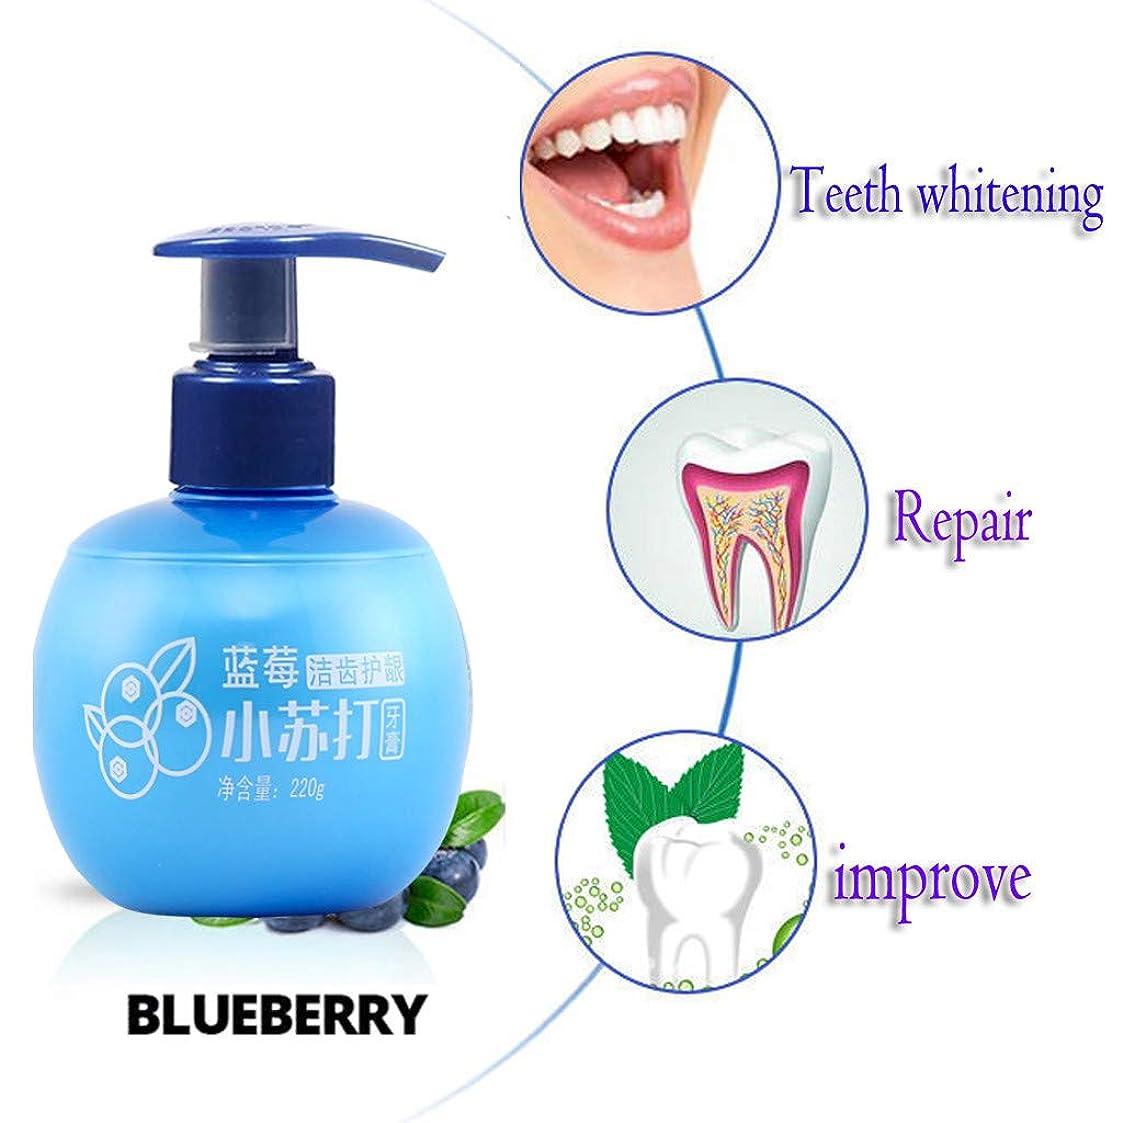 歯磨き粉 歯磨き粉を白くする強い除染 薬用 歯磨き 歯周病 口臭予防 フッ素 キシリトール 配合 子供 にも使える 大人 ブルーベリーの味 パッションフルーツの味 (ブルー)